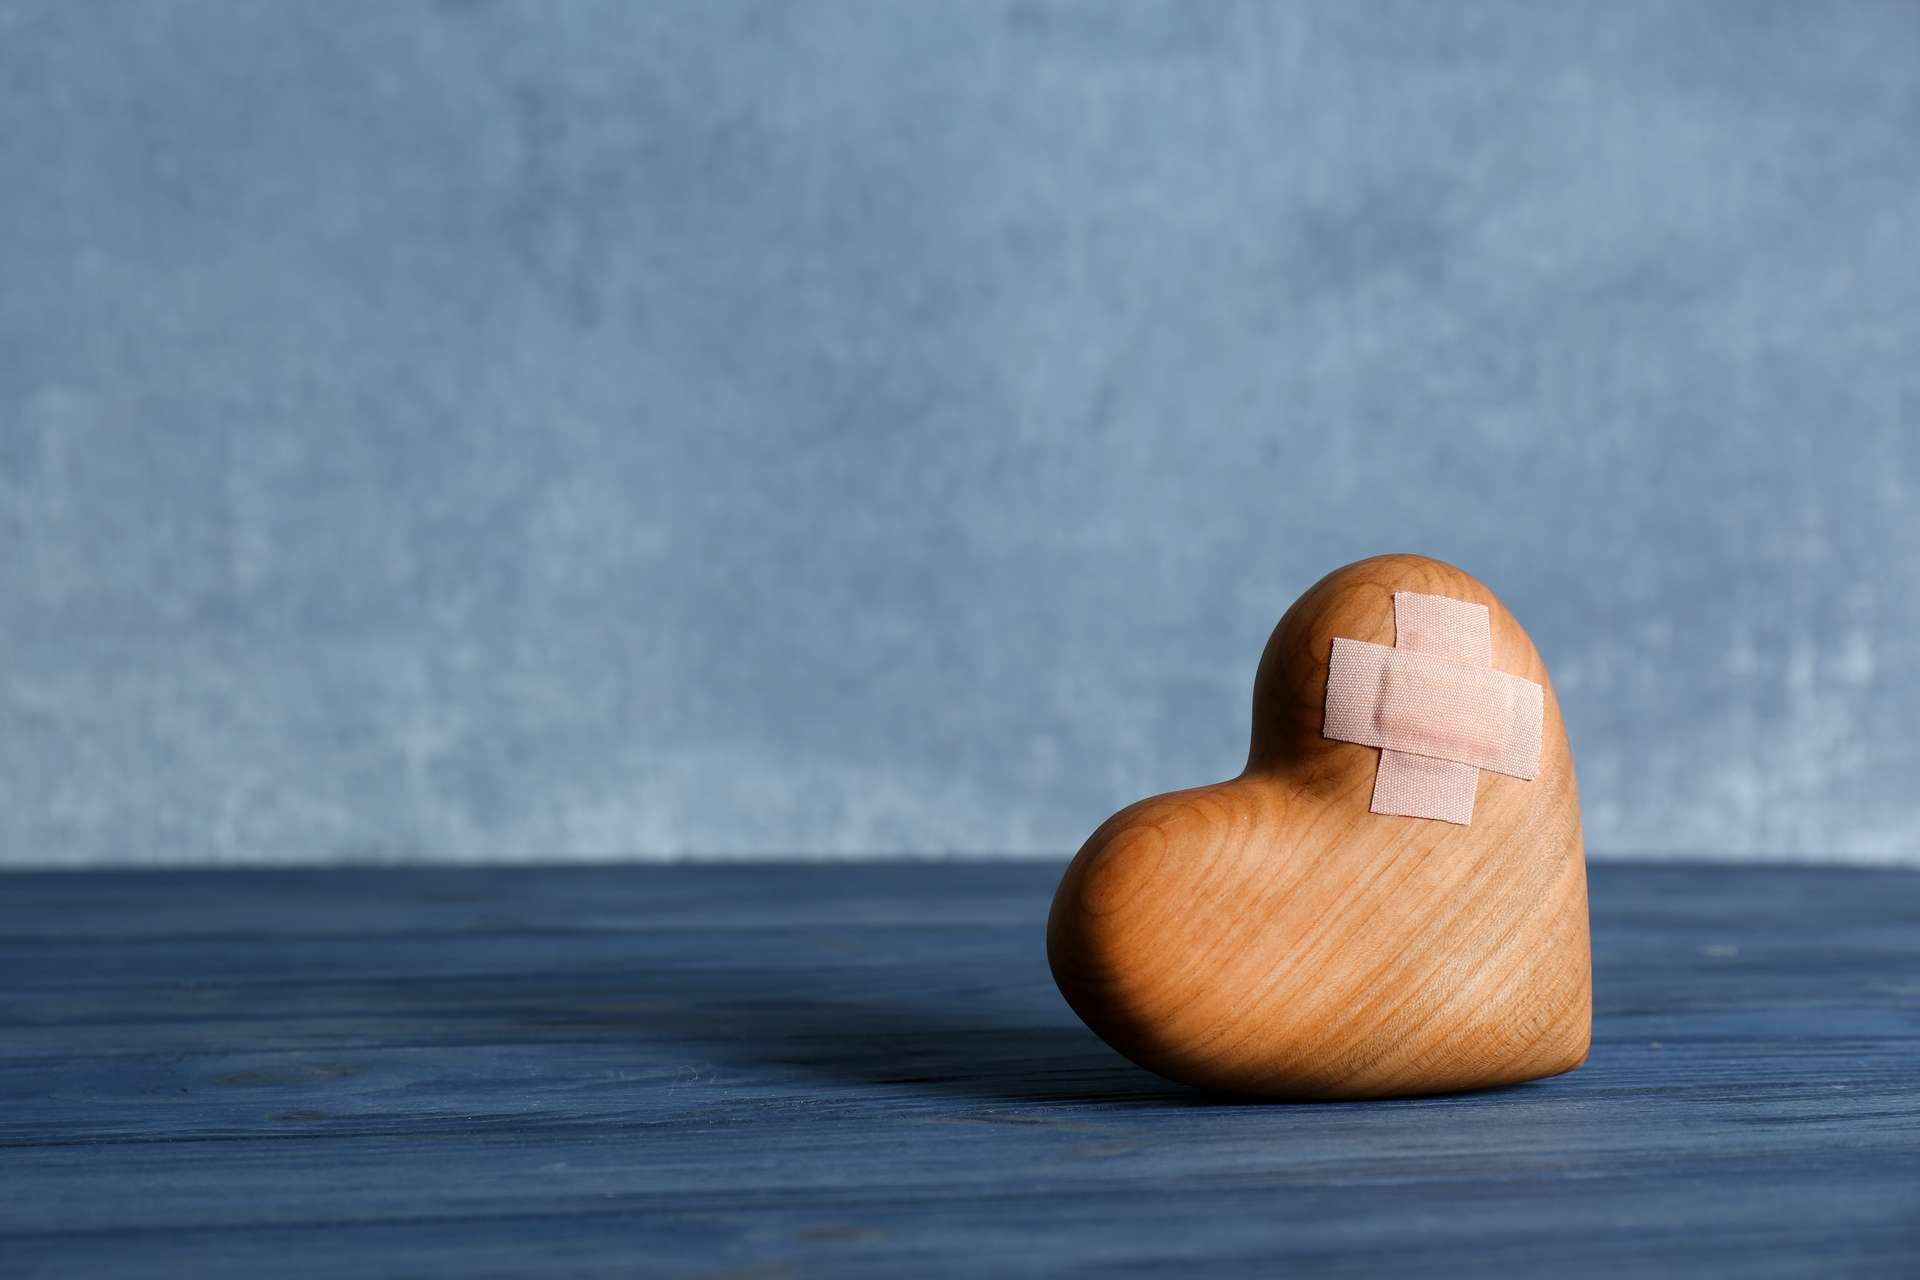 Un cœur brisé affecterait plusieurs aspects neurologiques. © New Africa, Adobe Stock